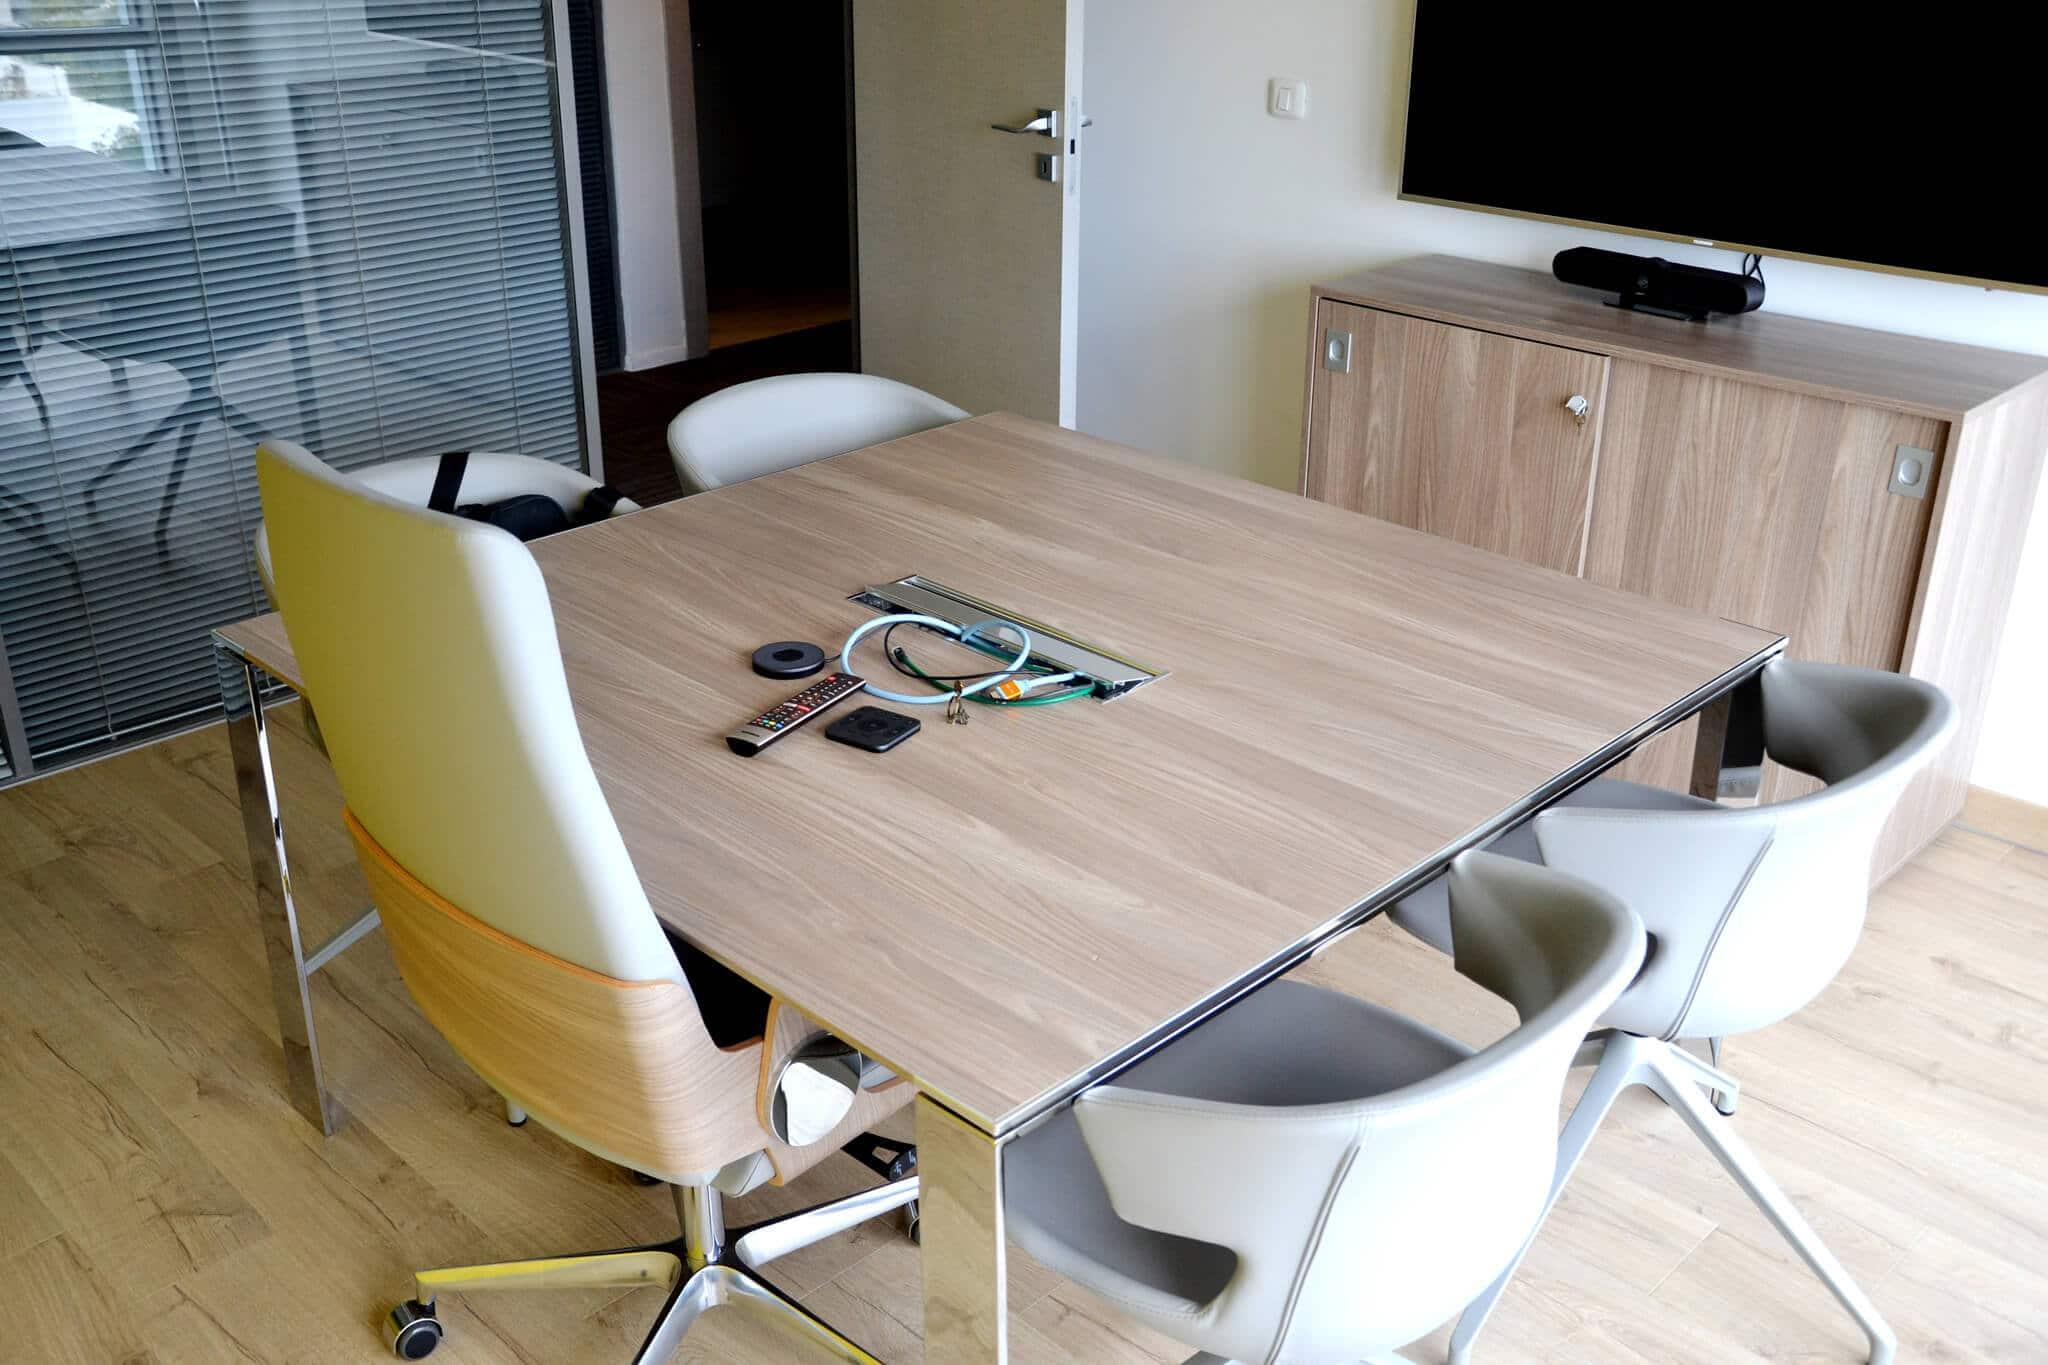 openspaces bureau city desk